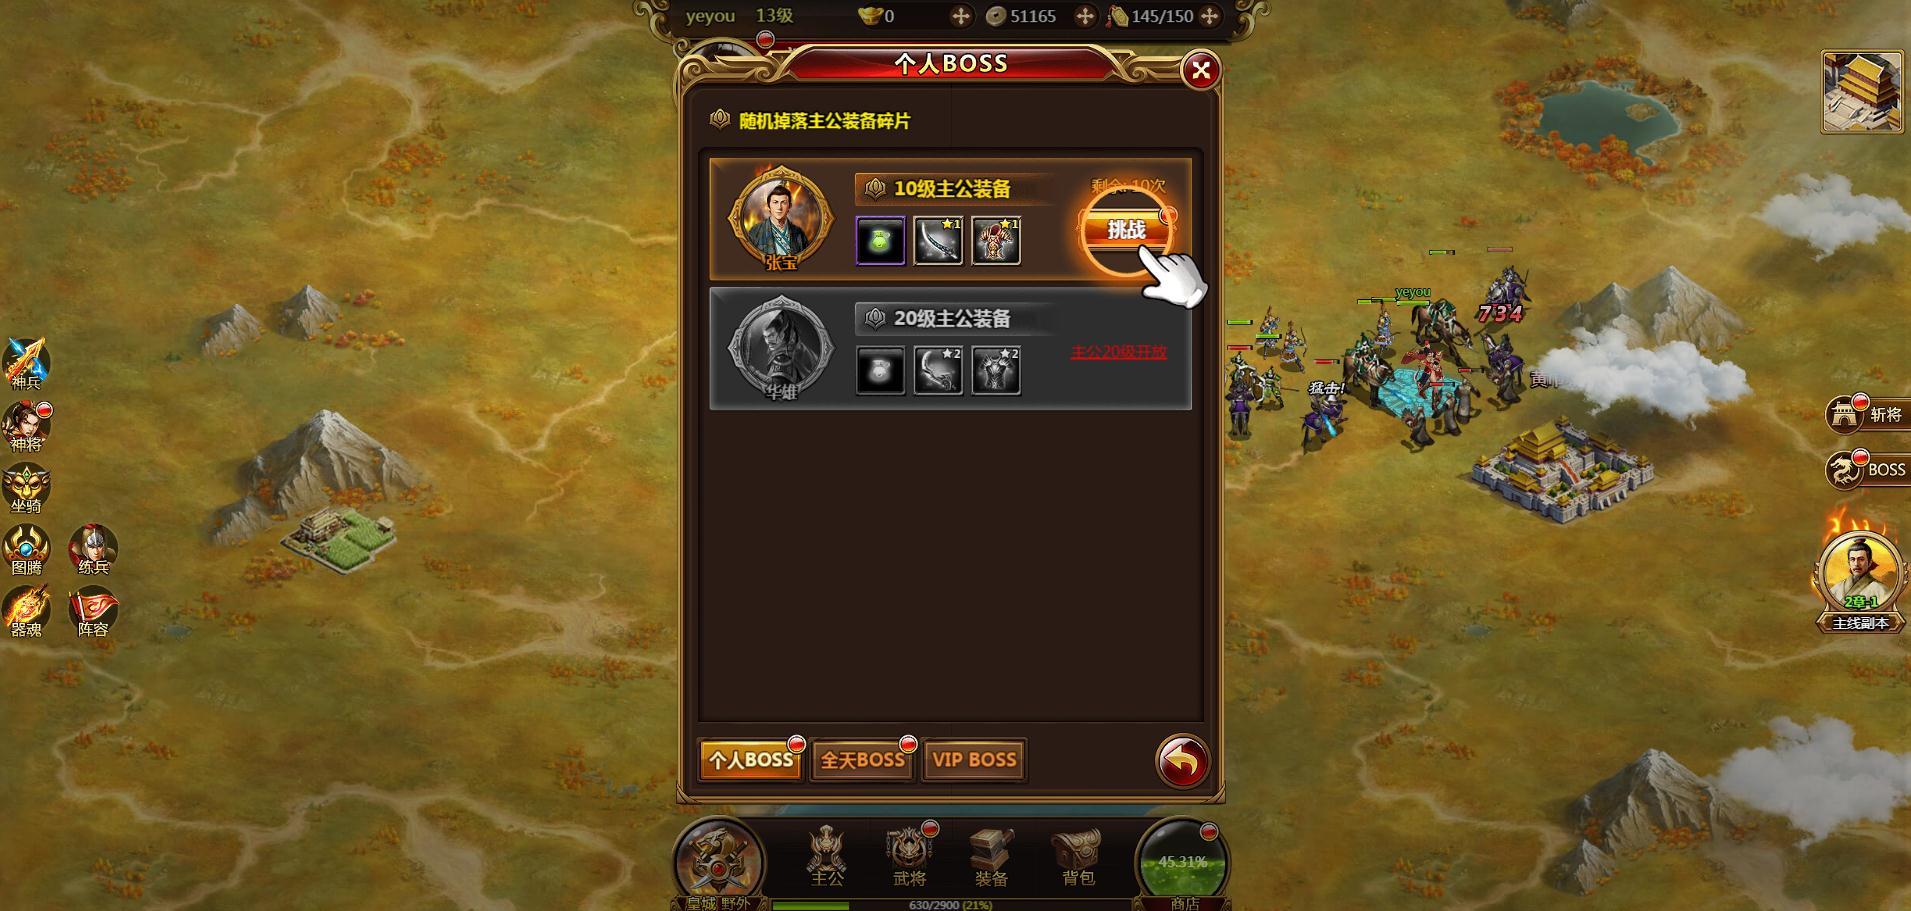 《天下争霸三国志H5》游戏截图